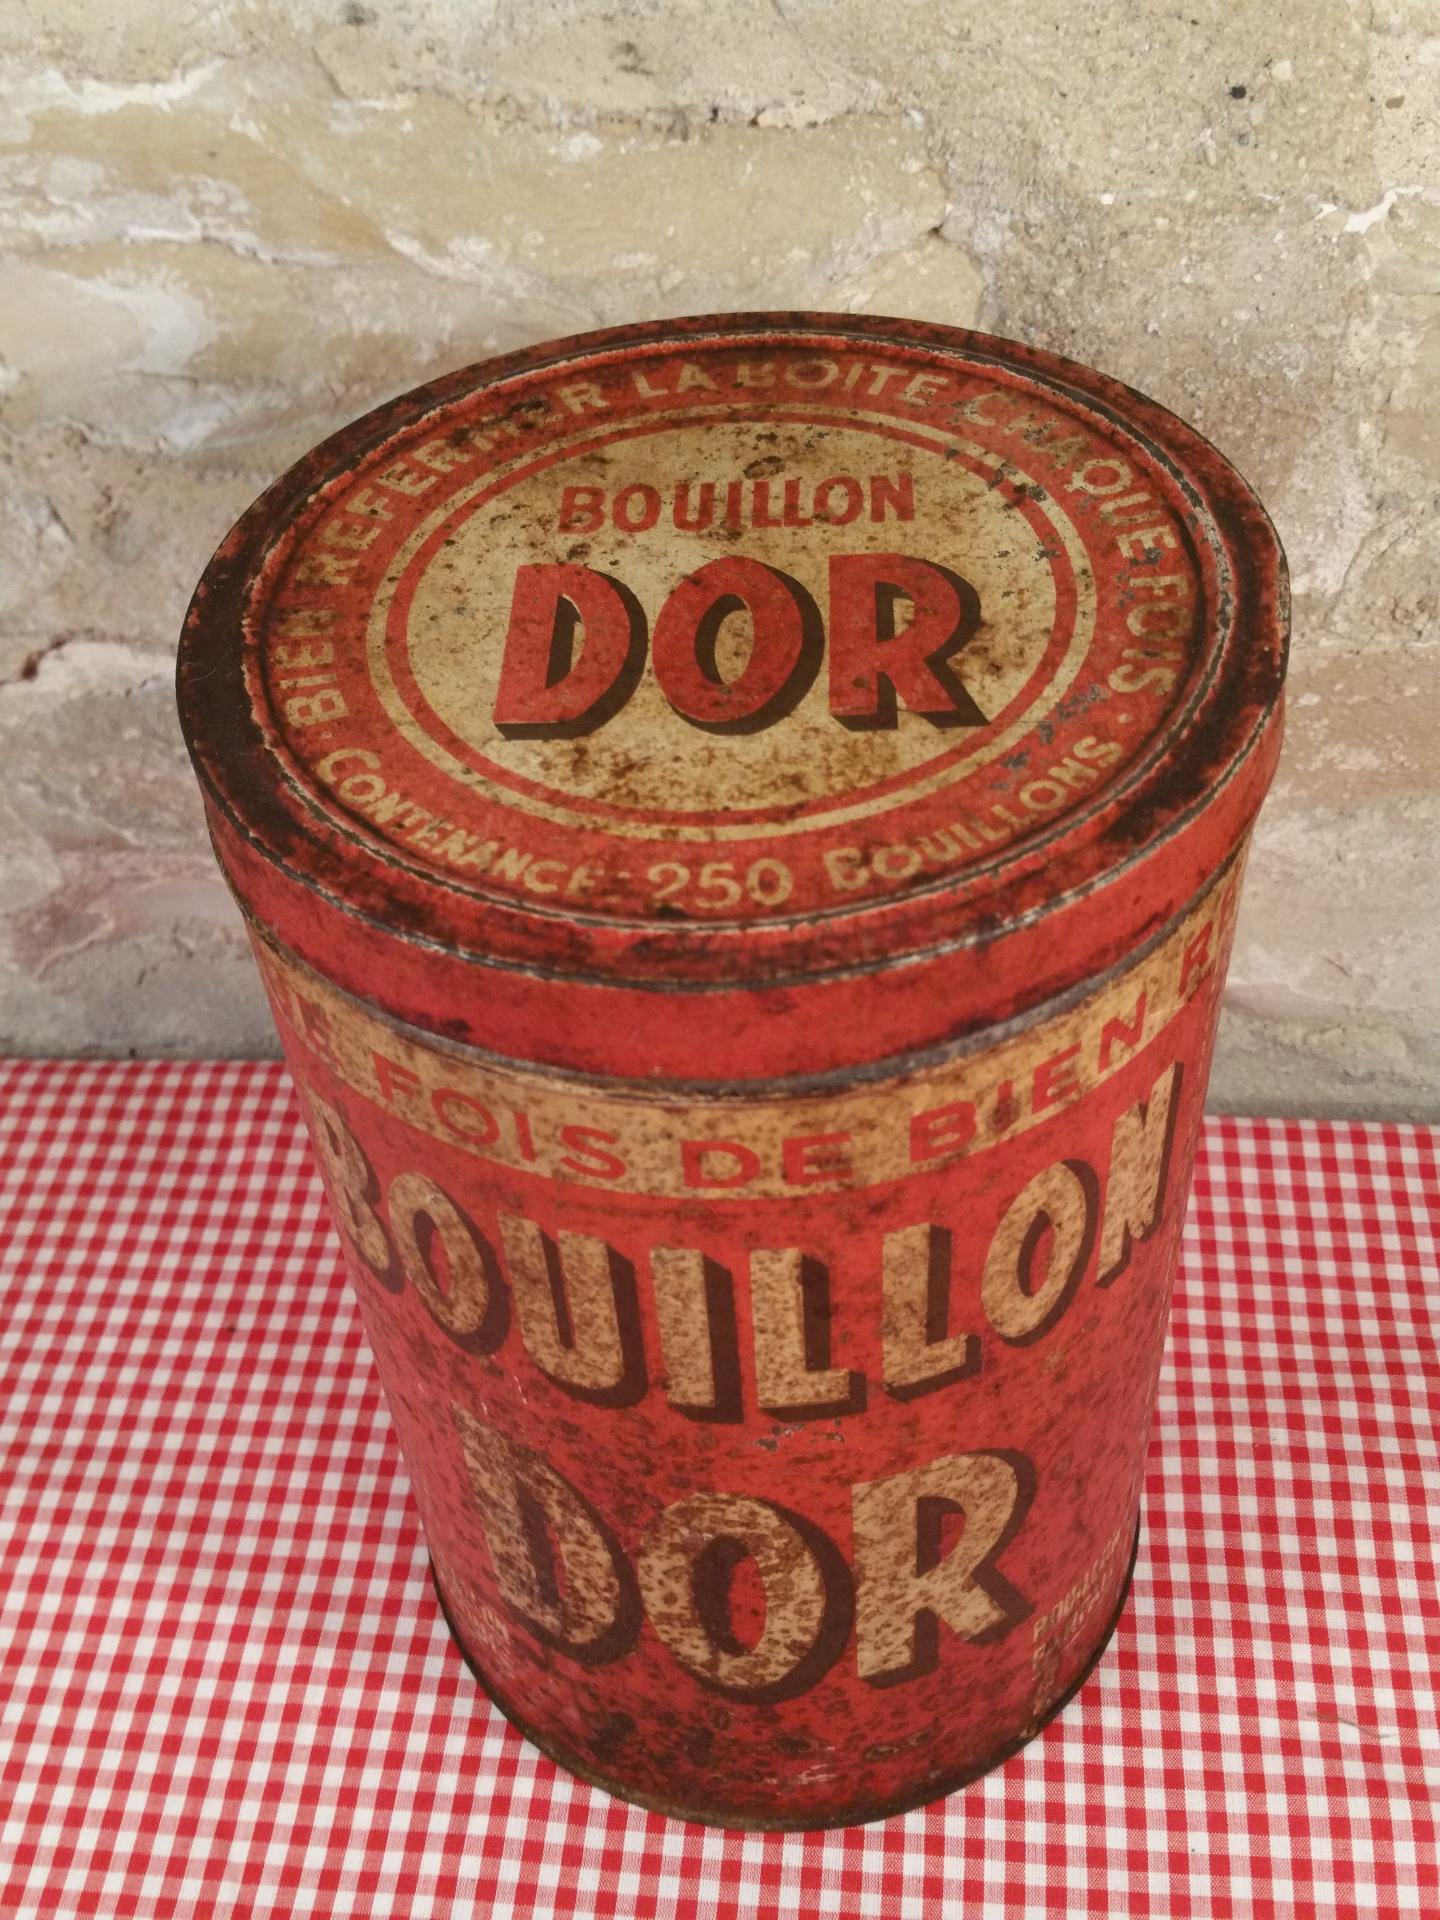 2 bouillon dor